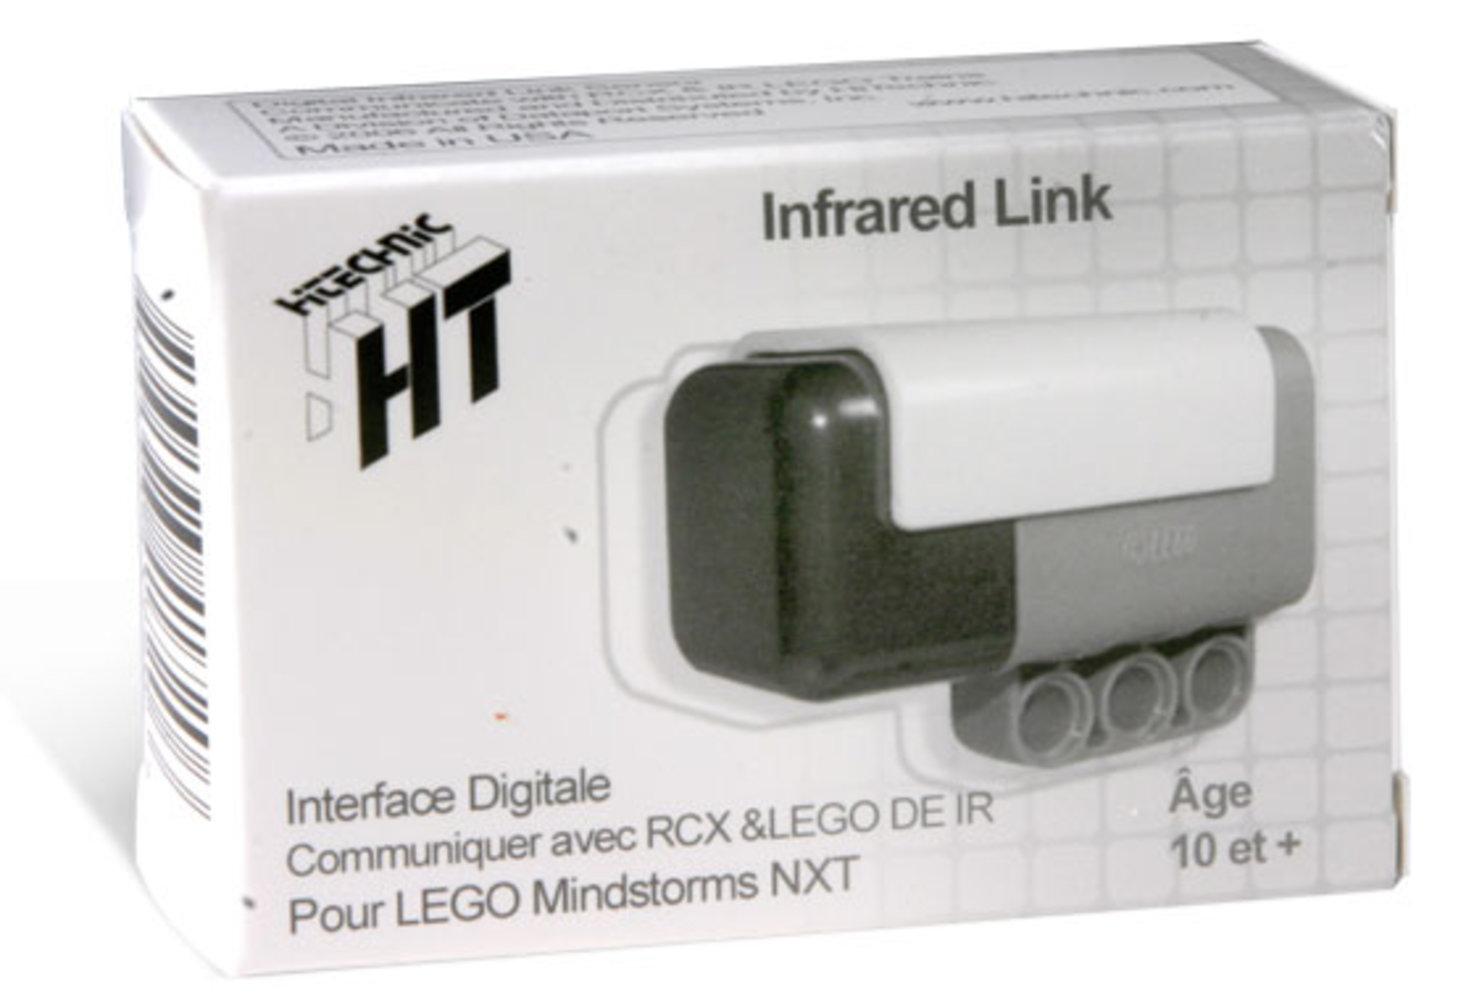 Infrared Link Sensor for Mindstorms NXT